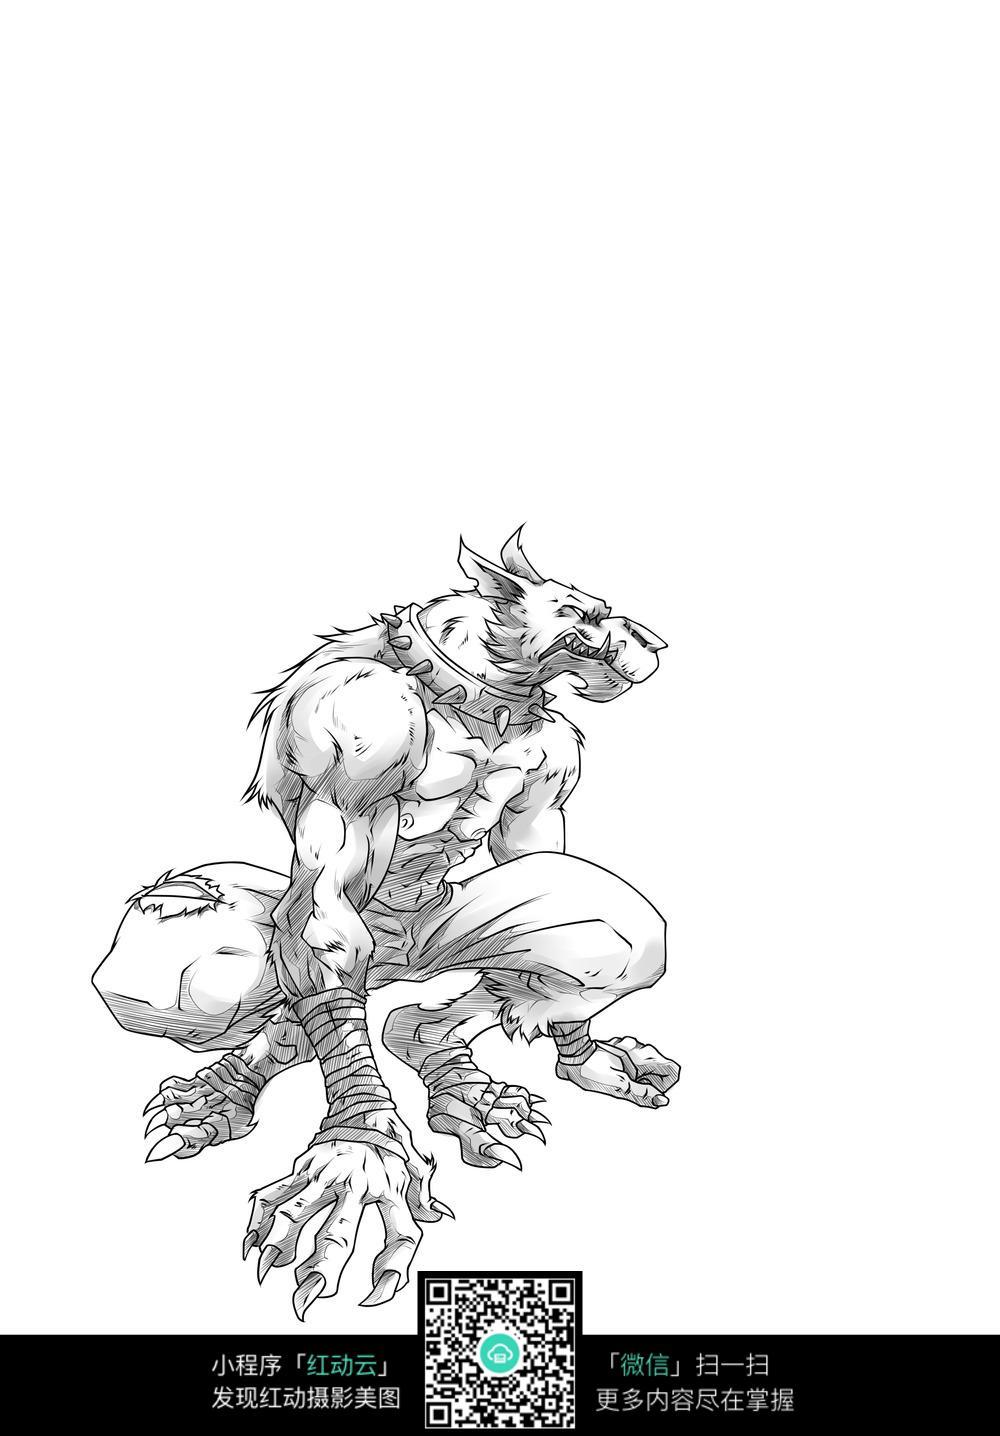 狼人卡通手绘线稿